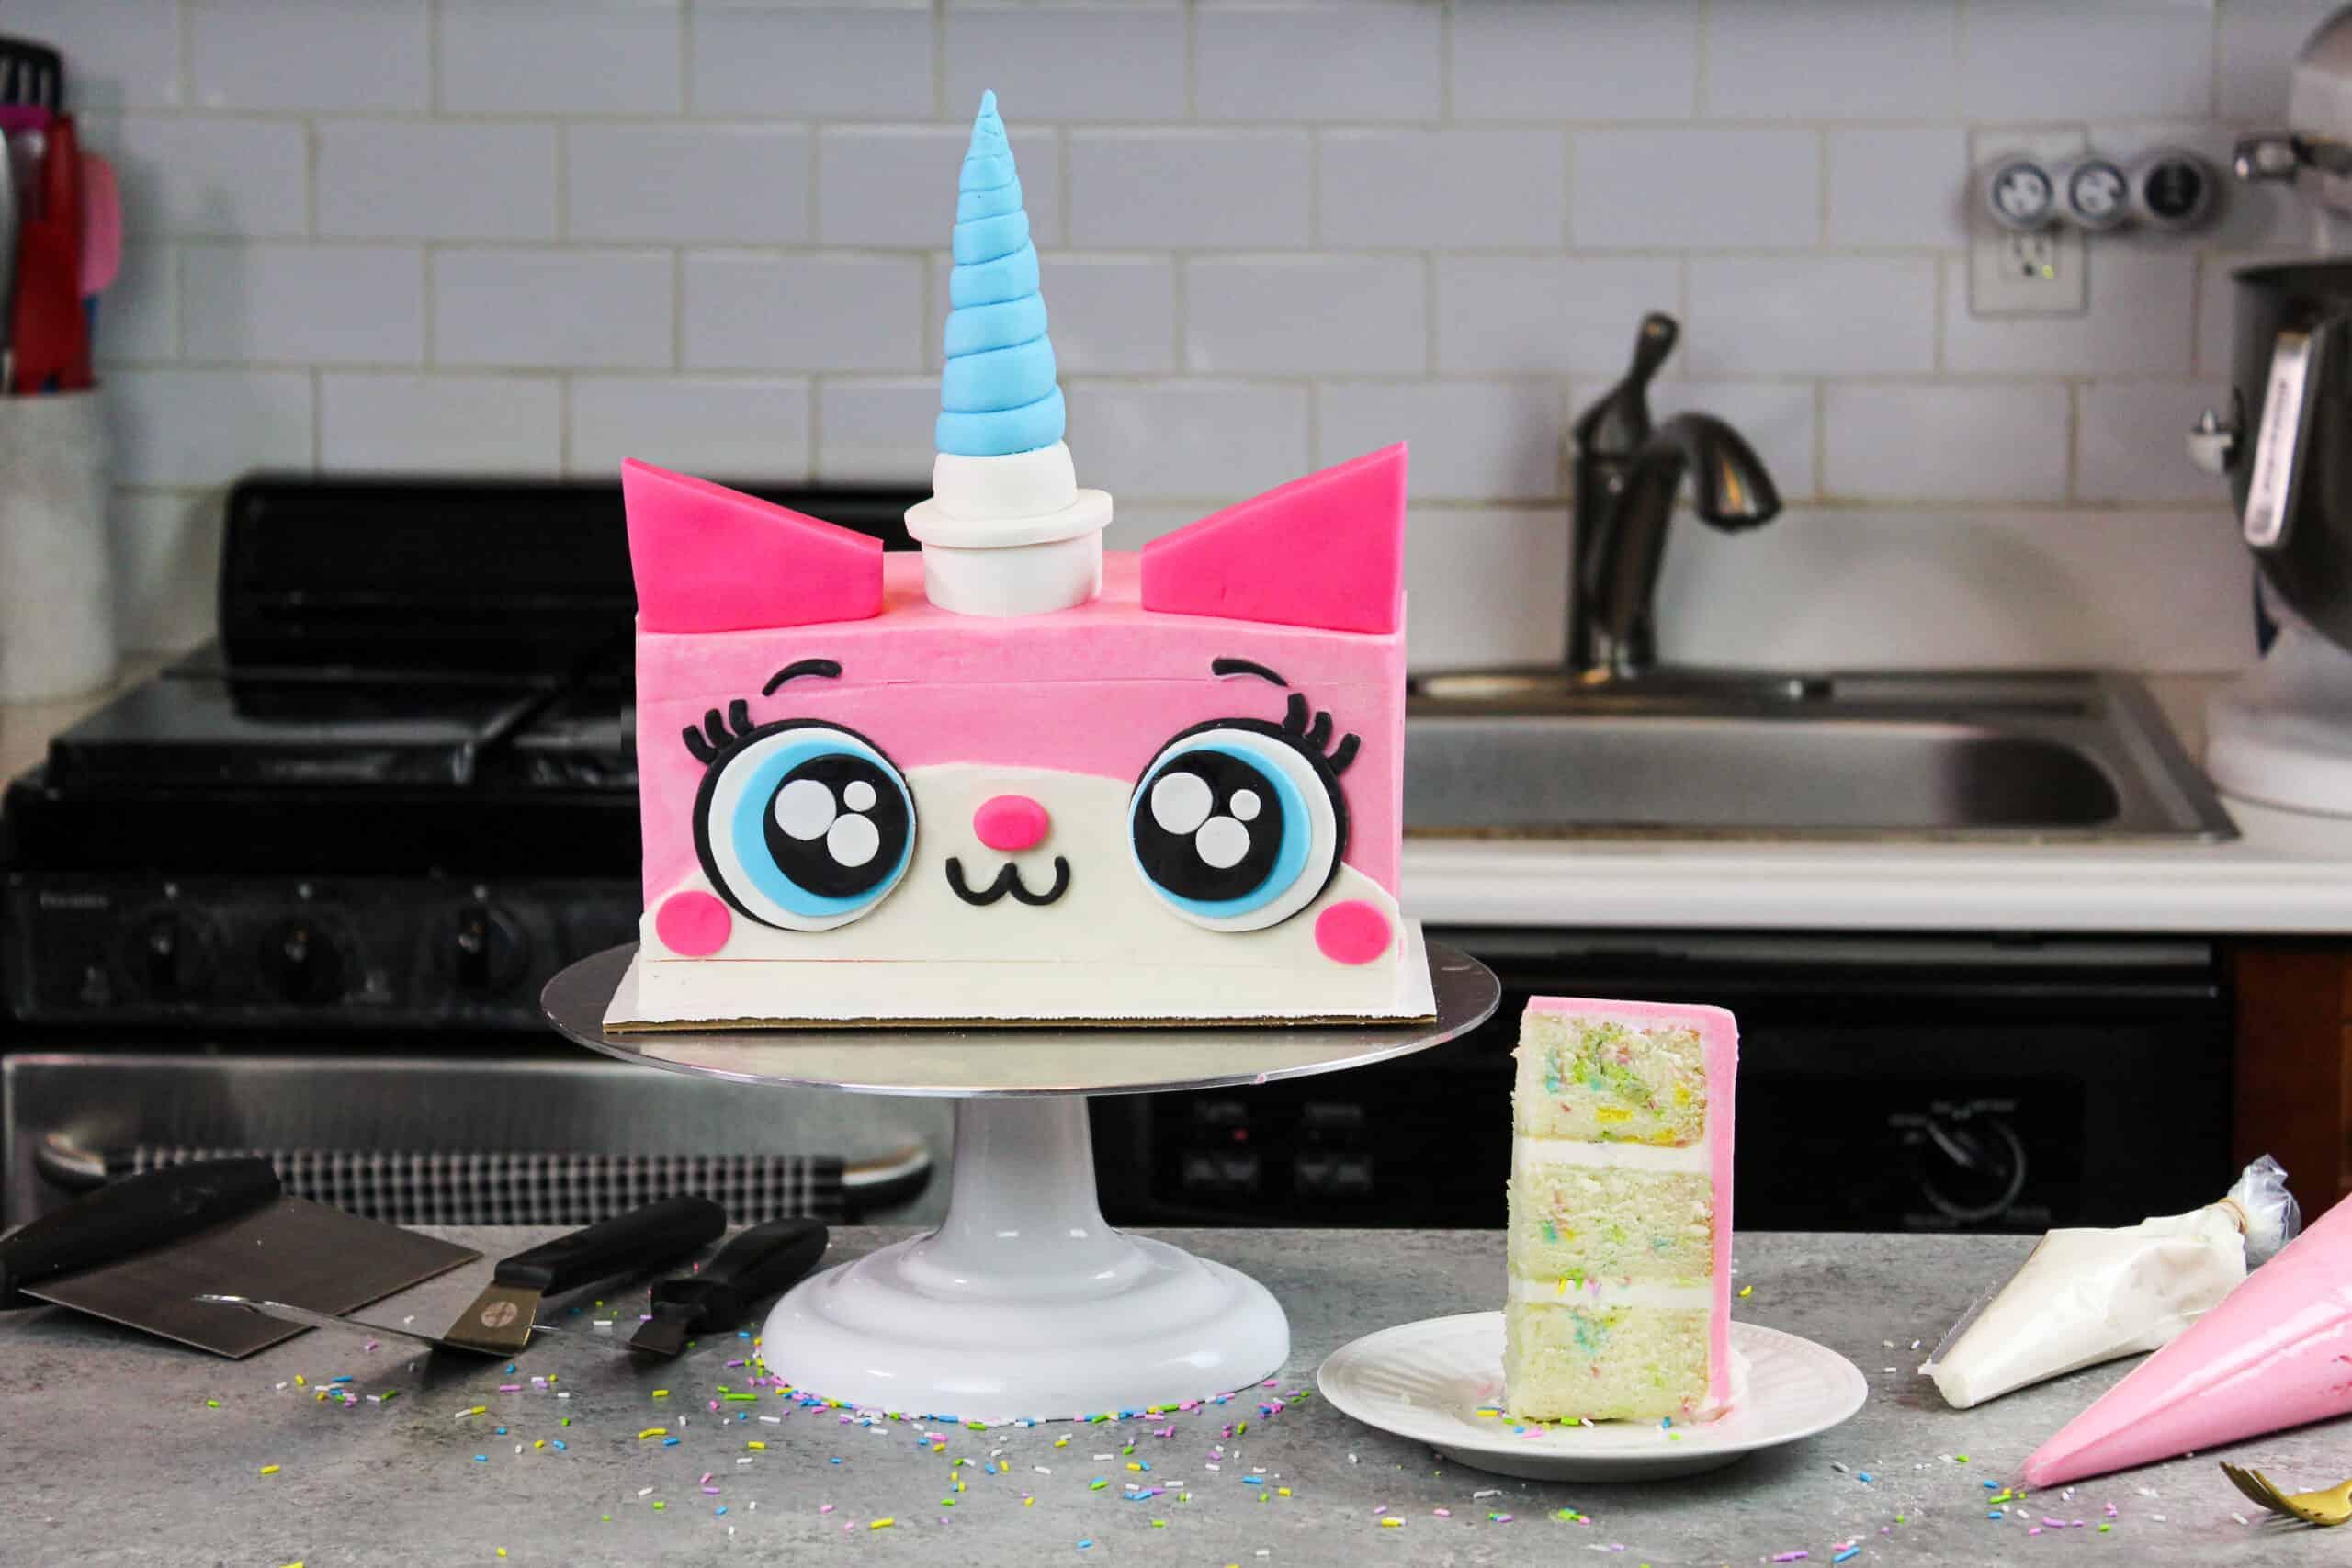 image of unikitty cake made with funfetti cake layers